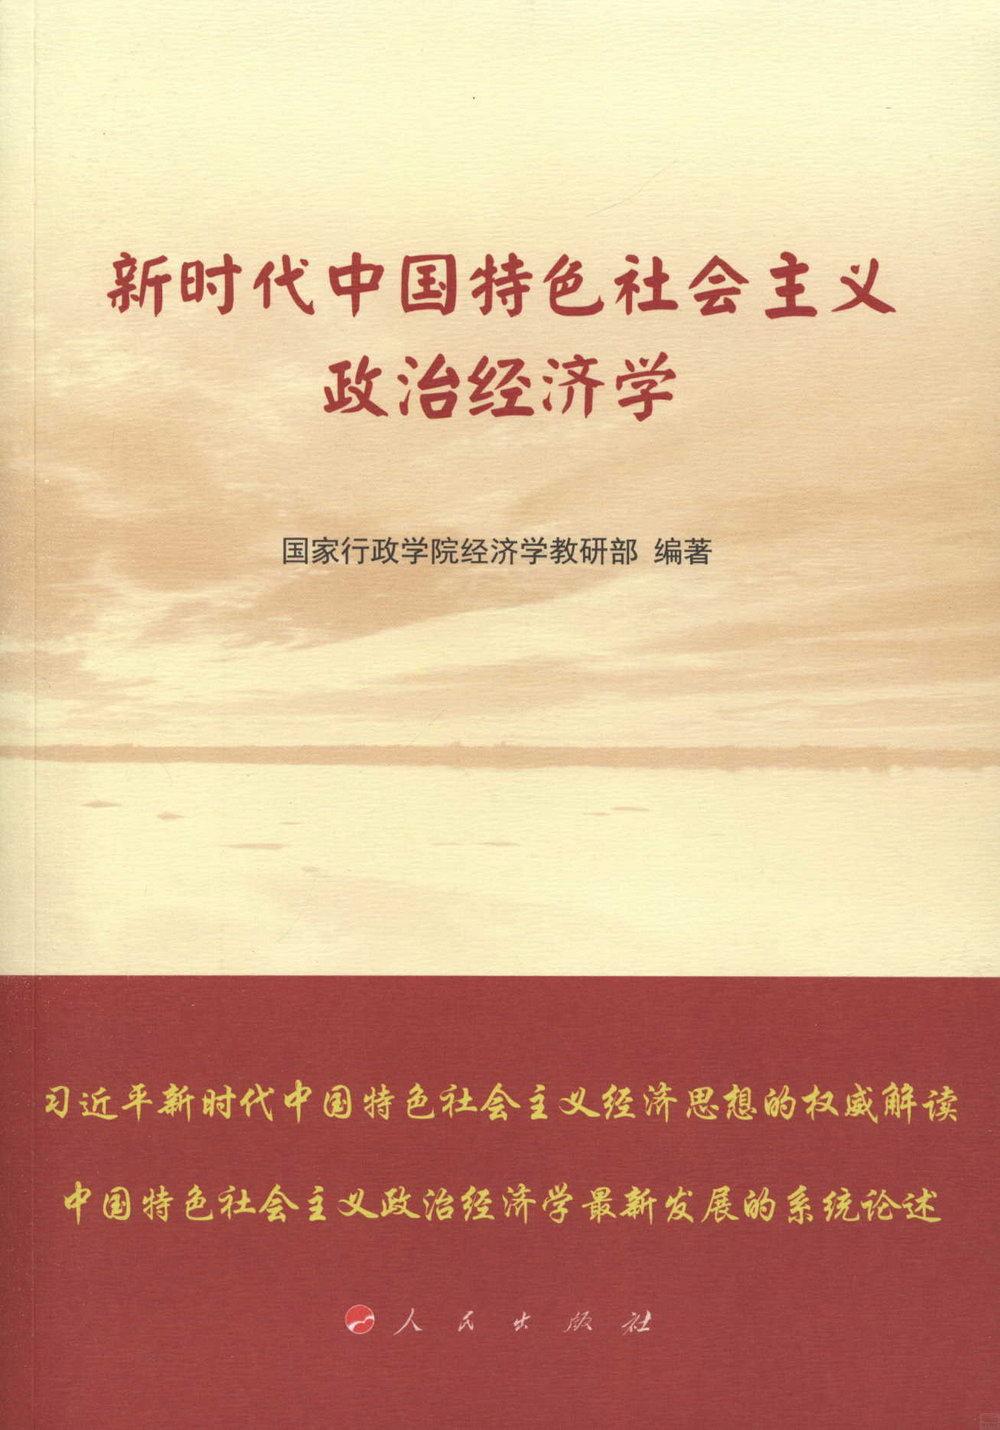 新時代中國特色社會主義政治經濟學